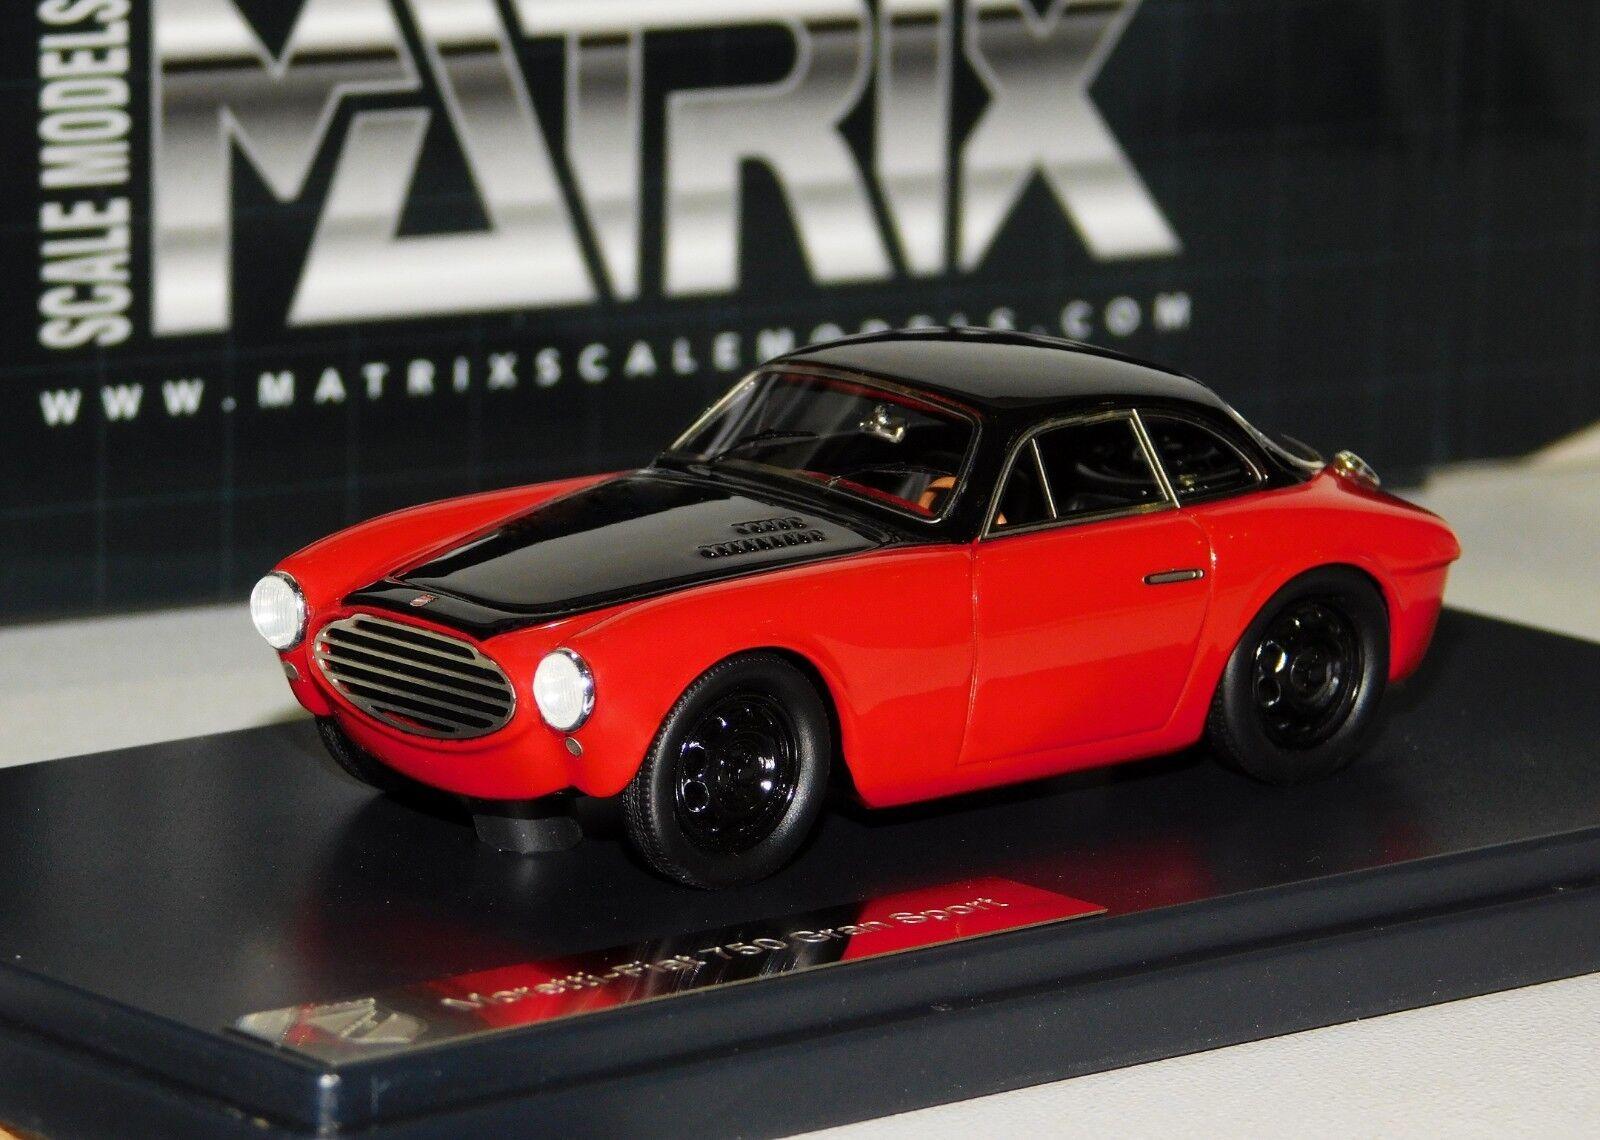 FIAT MORETTI 750 750 750 GRAN SPORT MATRIX LIM. MX31309-011 1 43 cb9c00